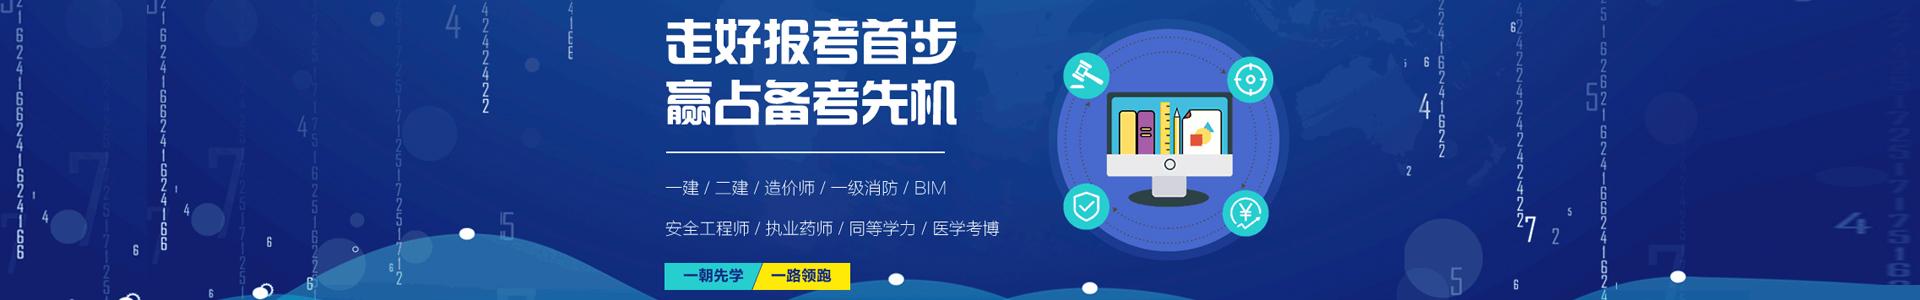 芜湖优路建工培训学校